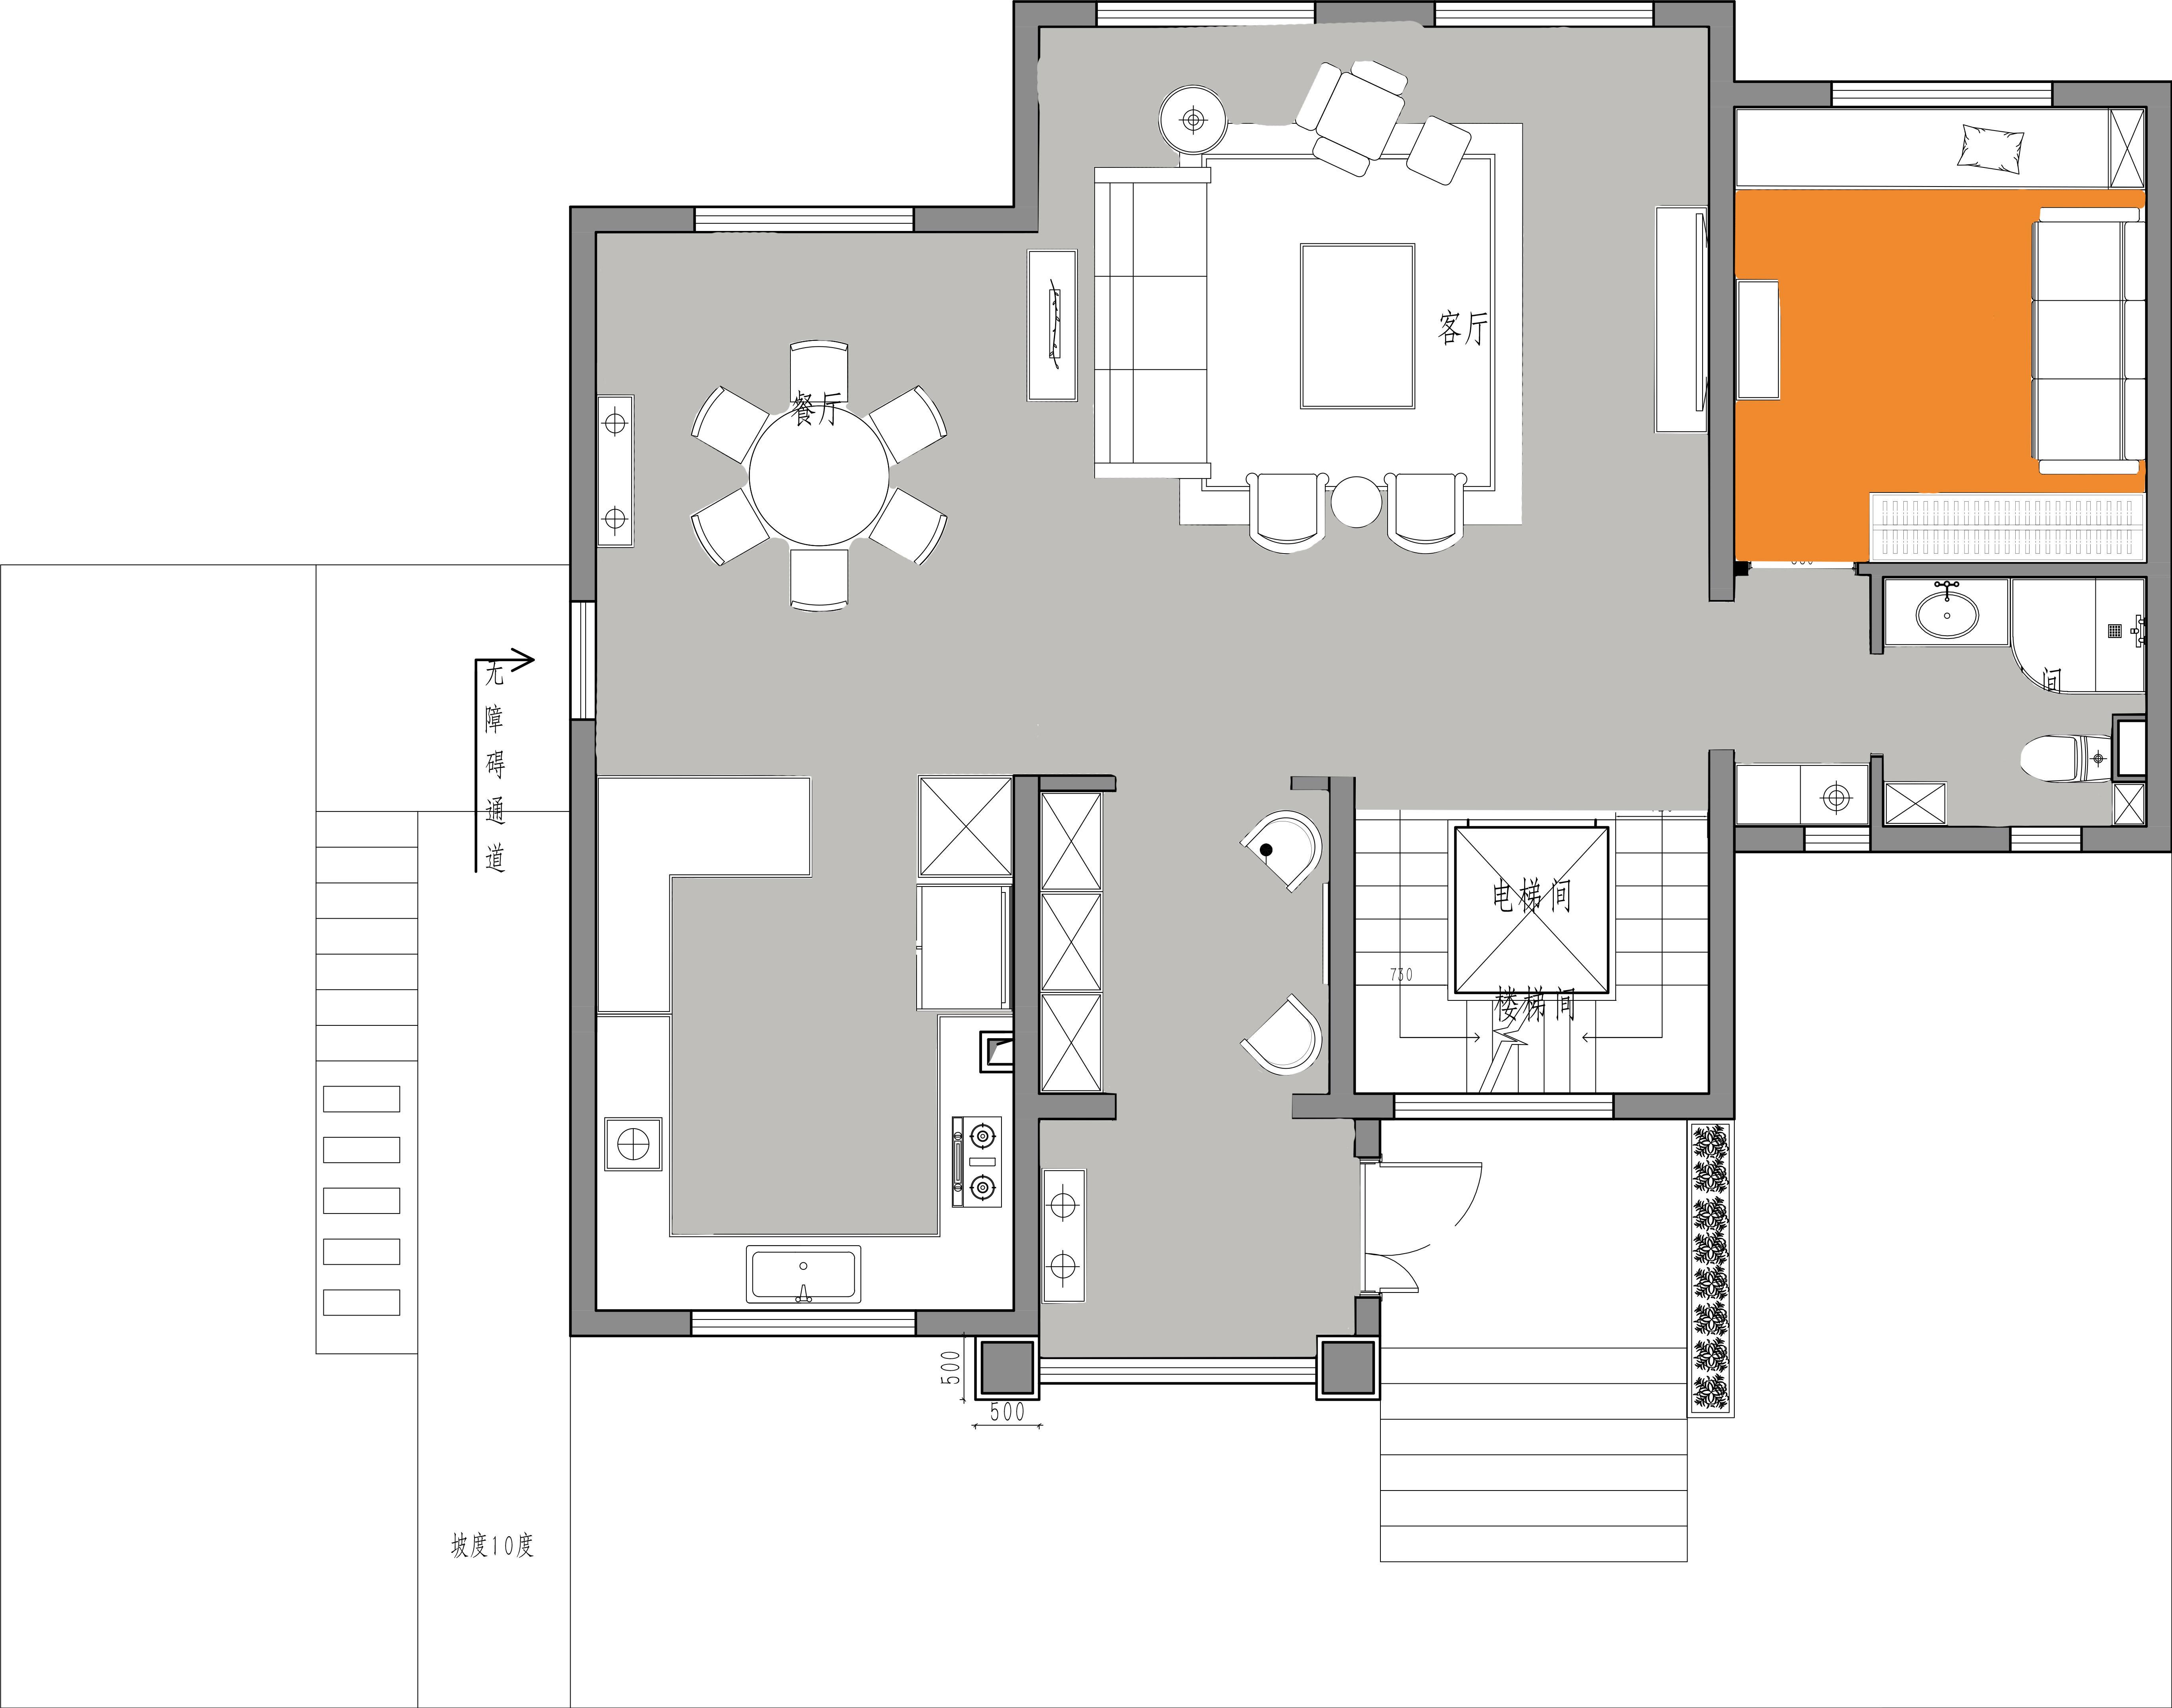 绿洲湾8号-380平米-现代极简装修设计理念